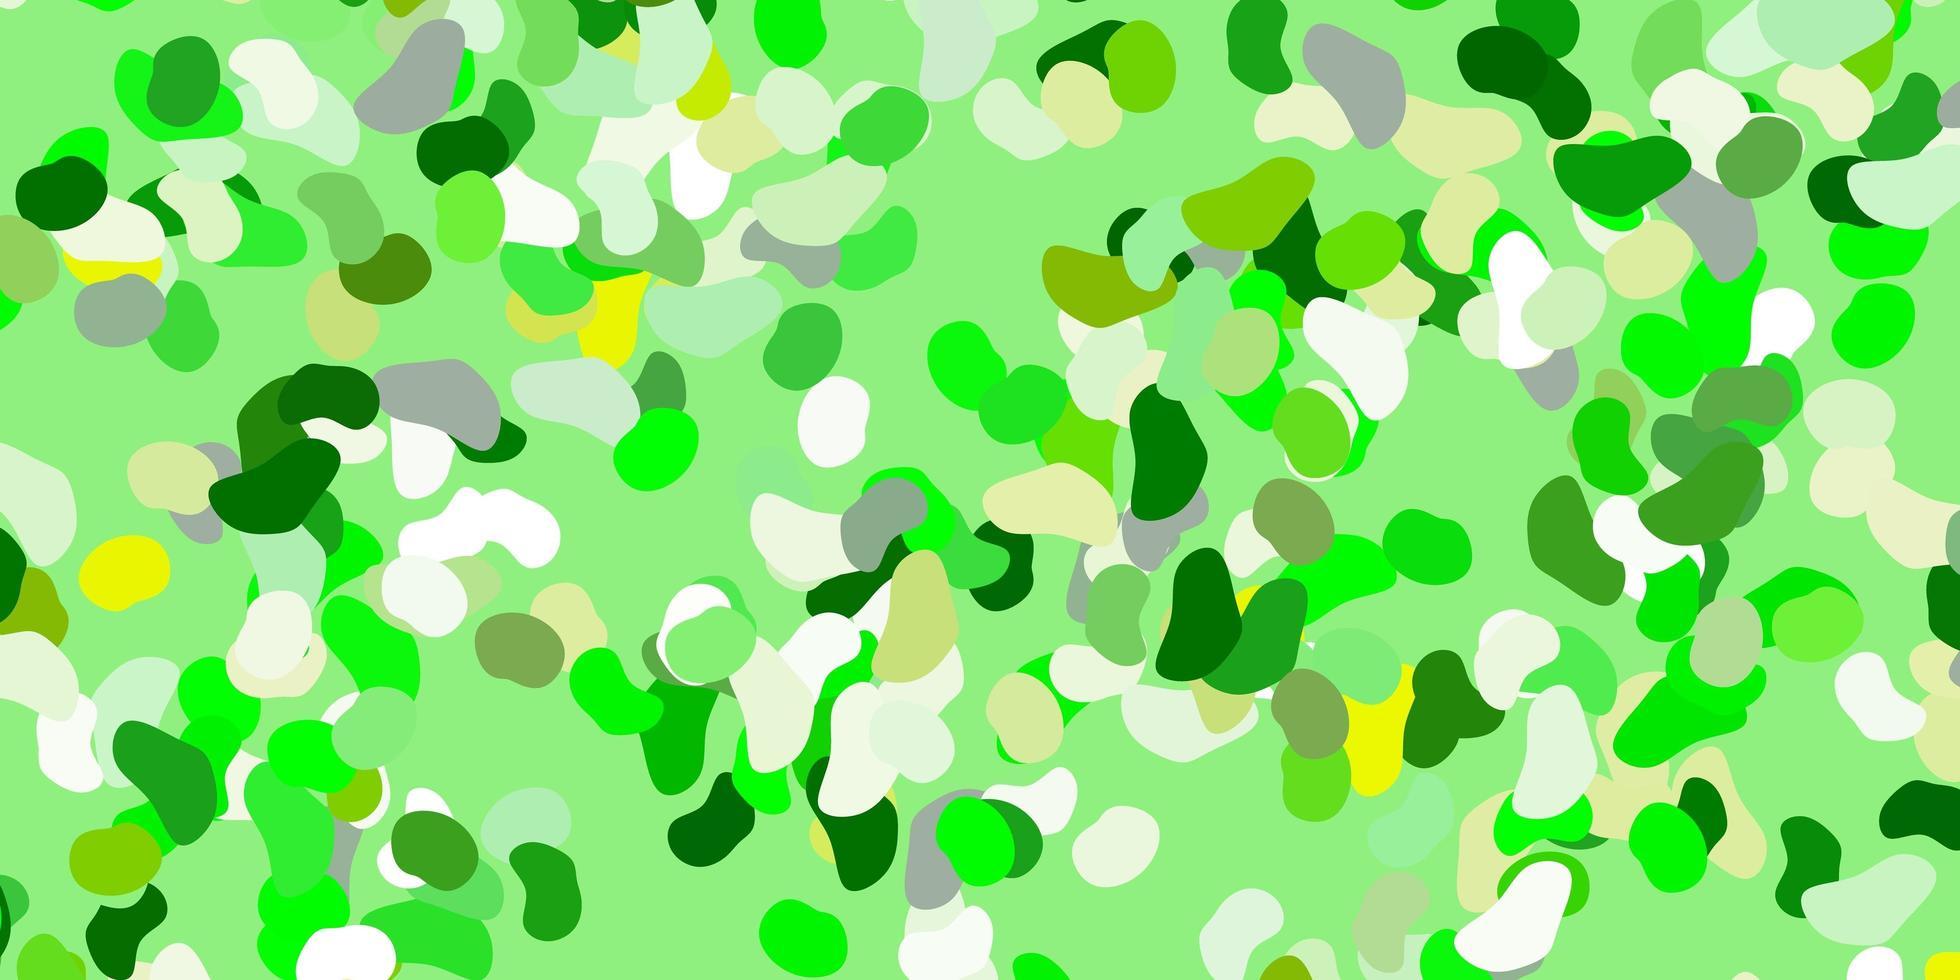 lichtgroen, geel vectorpatroon met abstracte vormen. vector